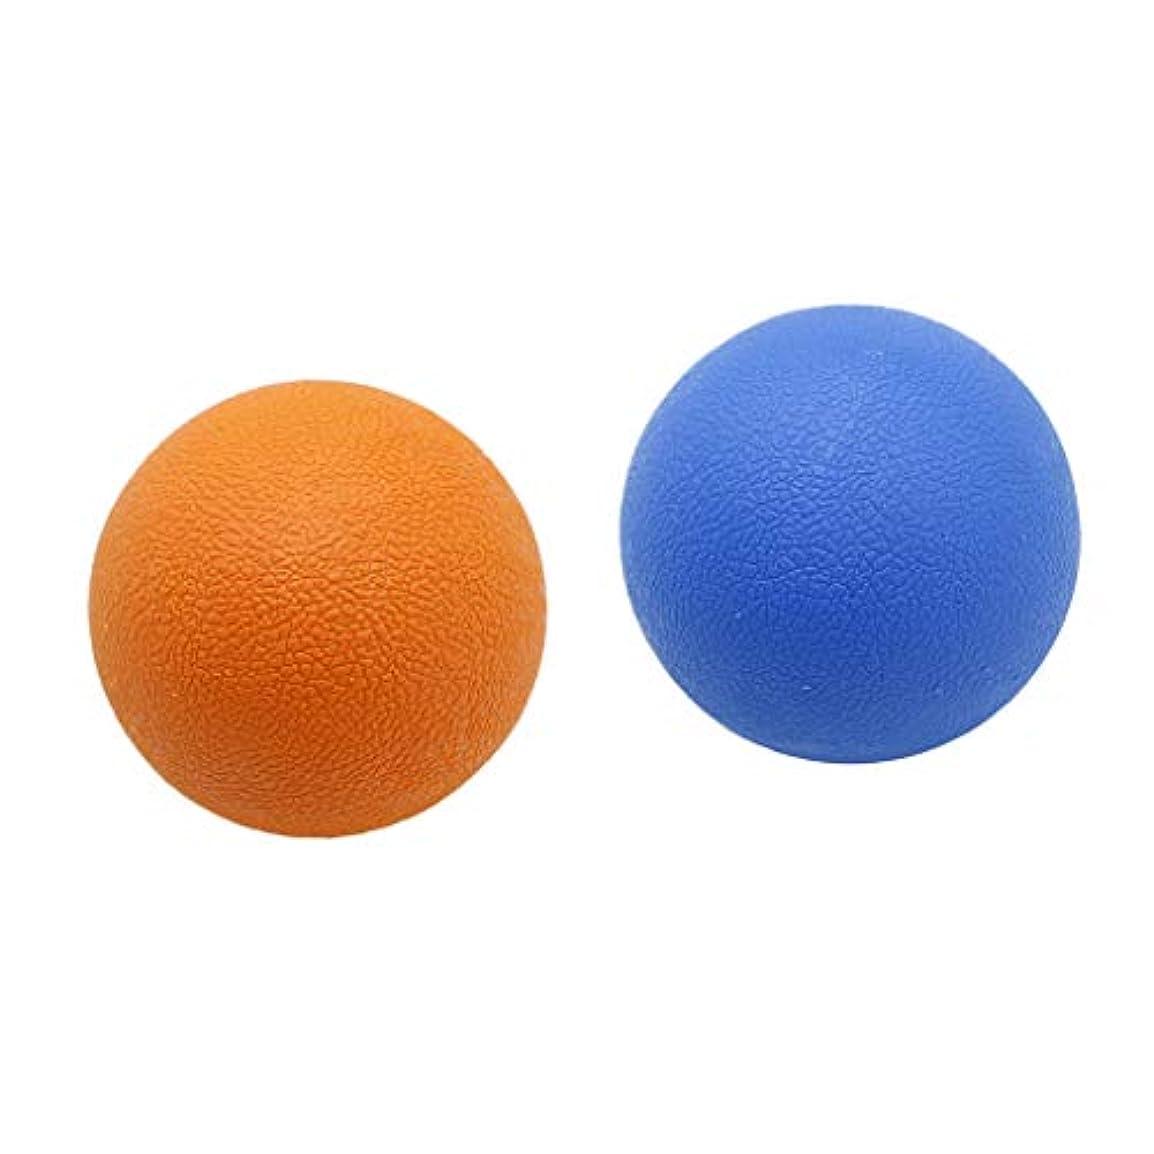 連隊グラディスあごひげHellery 2個 マッサージボール ラクロスボール トリガーポイント 弾性TPE 健康グッズ オレンジブルー